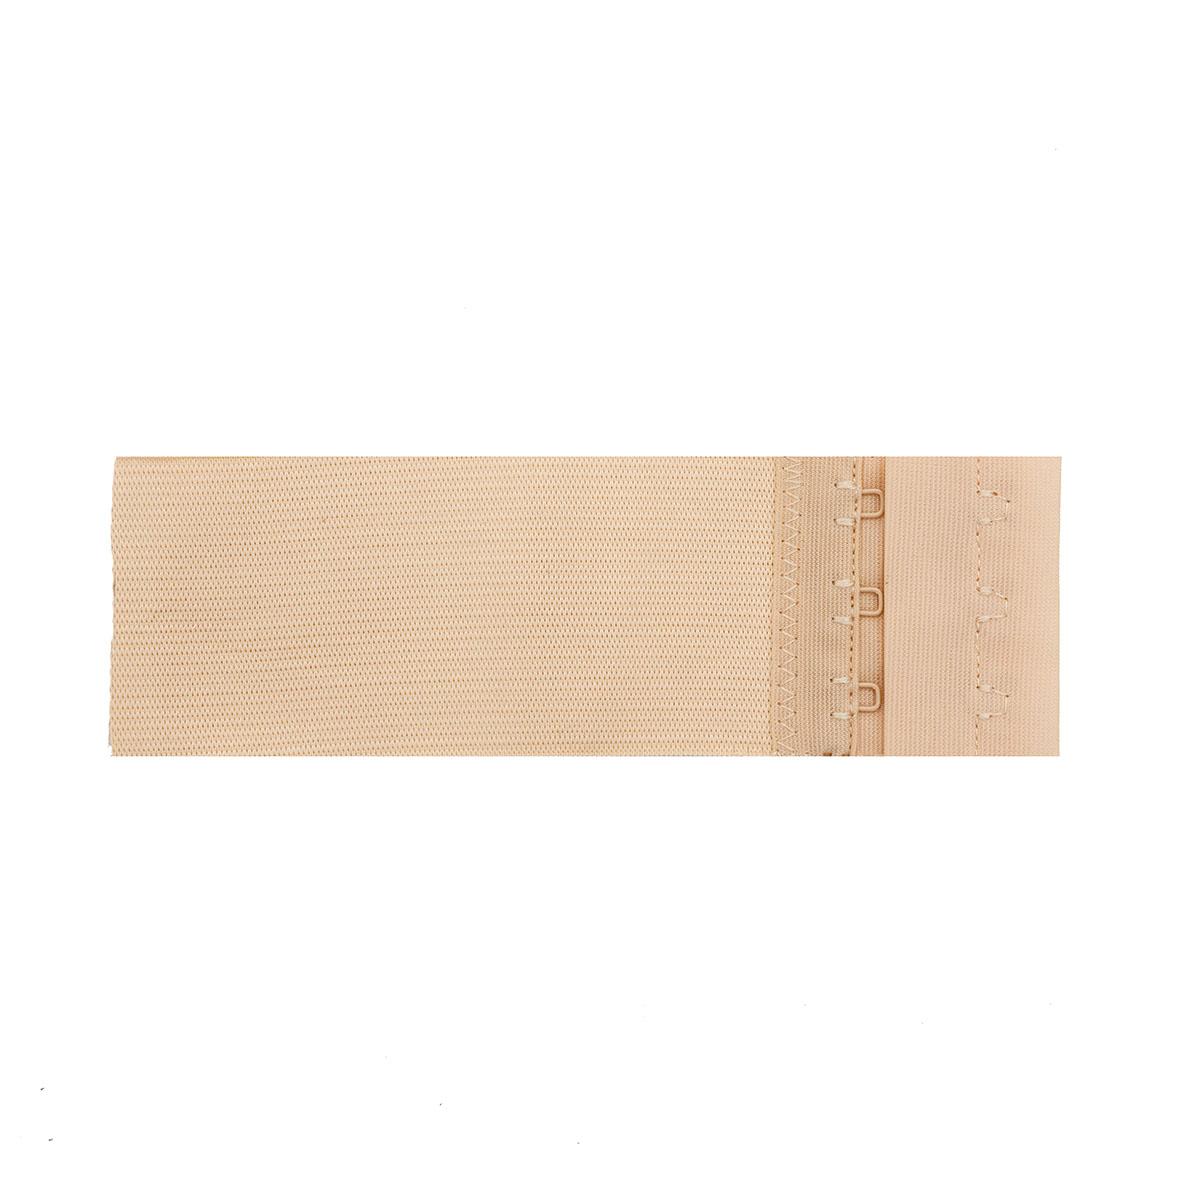 Застежка для бюстгальтера 50мм, 3 крючка, 1 шт., телесный 853103, Hobby&Pro